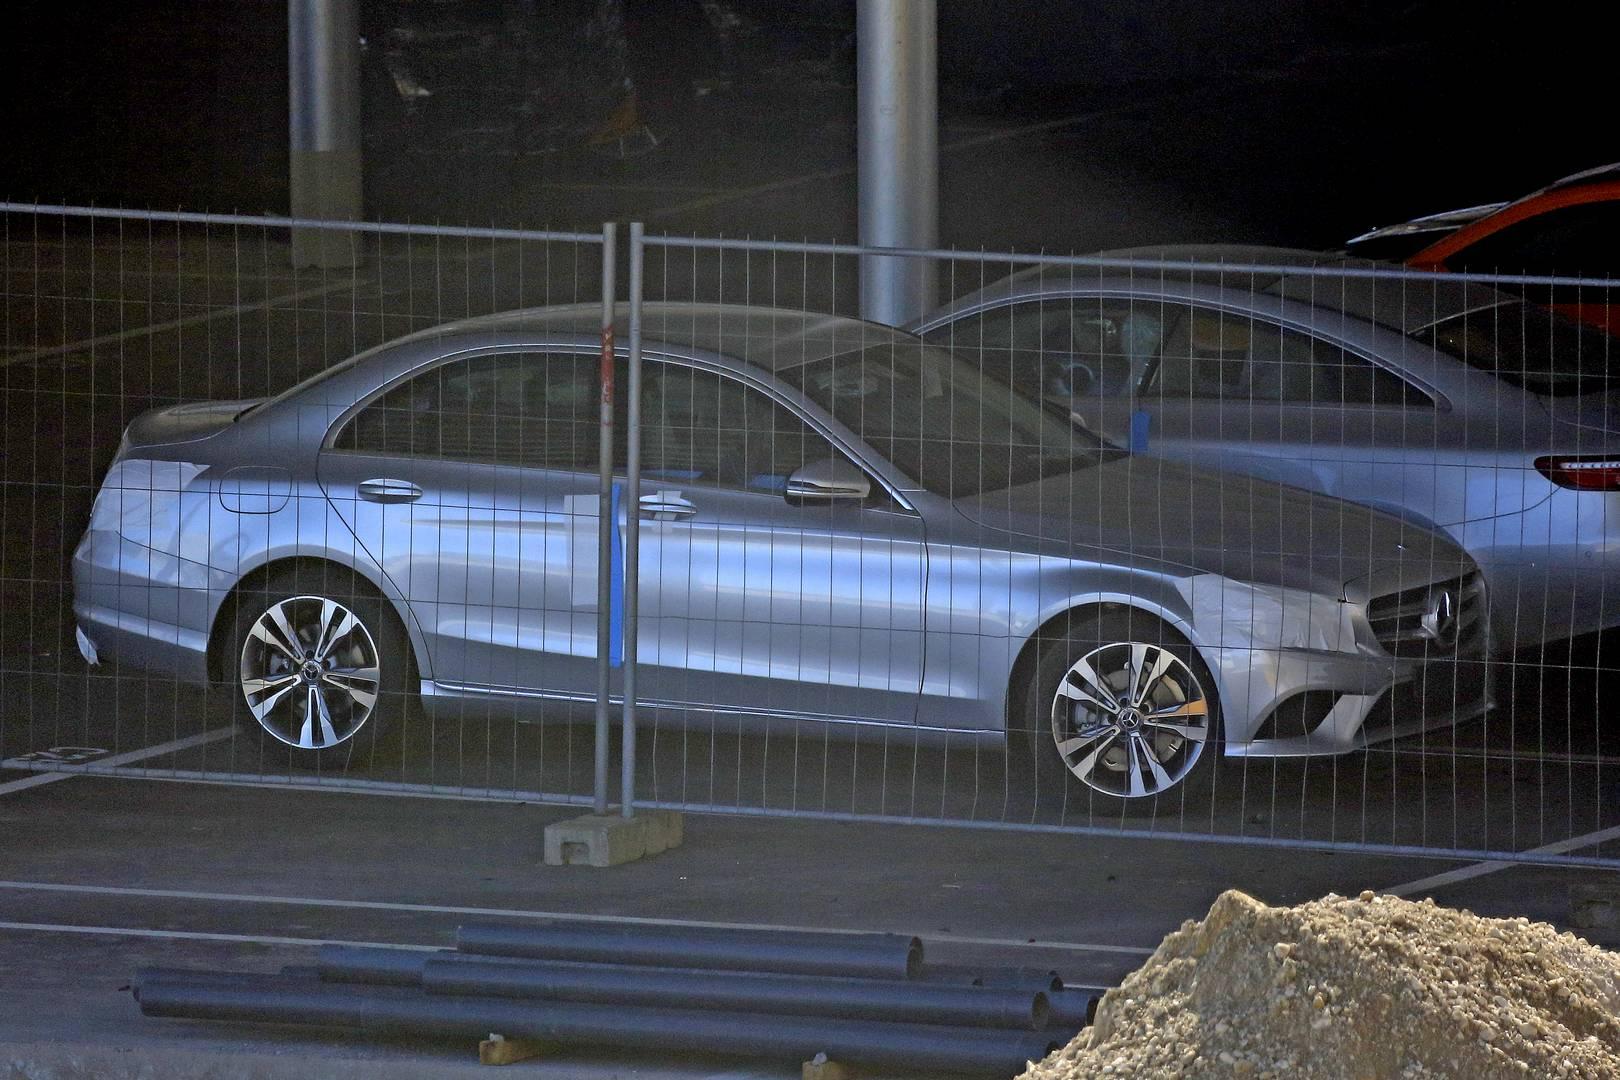 Обновленная в 2018 году модель была недавно замечена в Испании. Она, как ожидается, появится в выставочных залах в середине 2018 года.